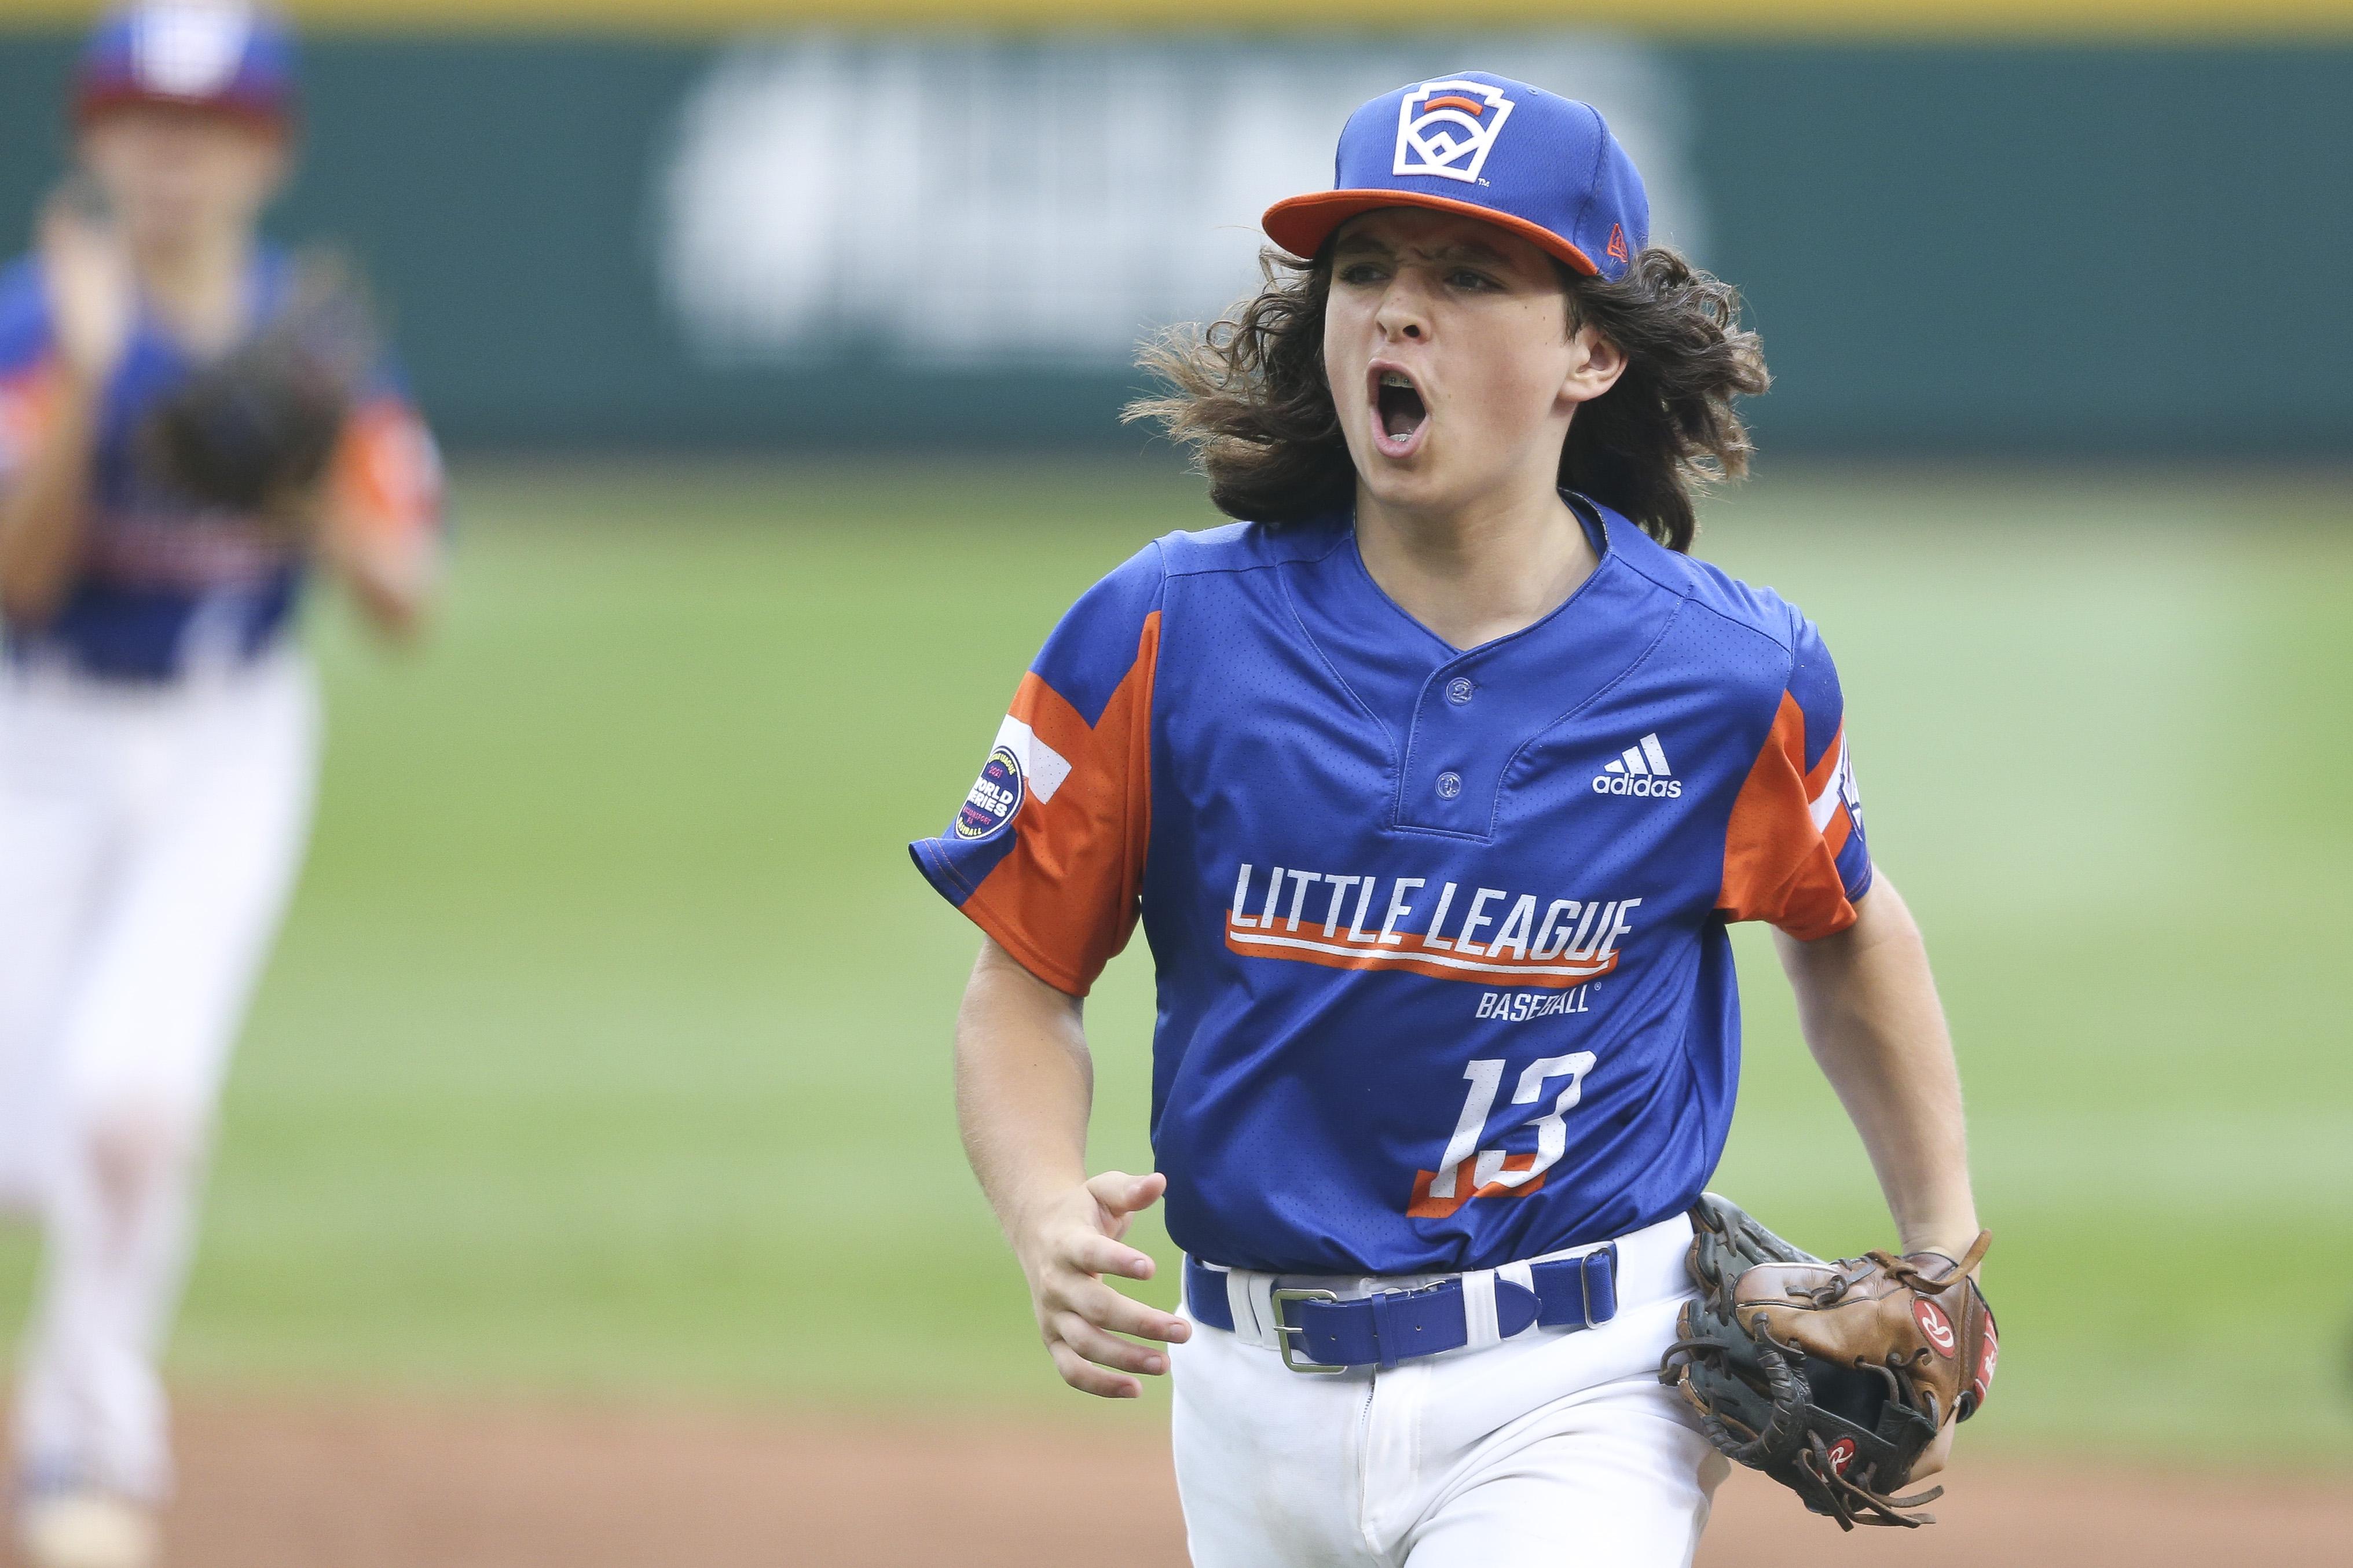 2021 Little League World Series Final - Team Michigan v Team Ohio